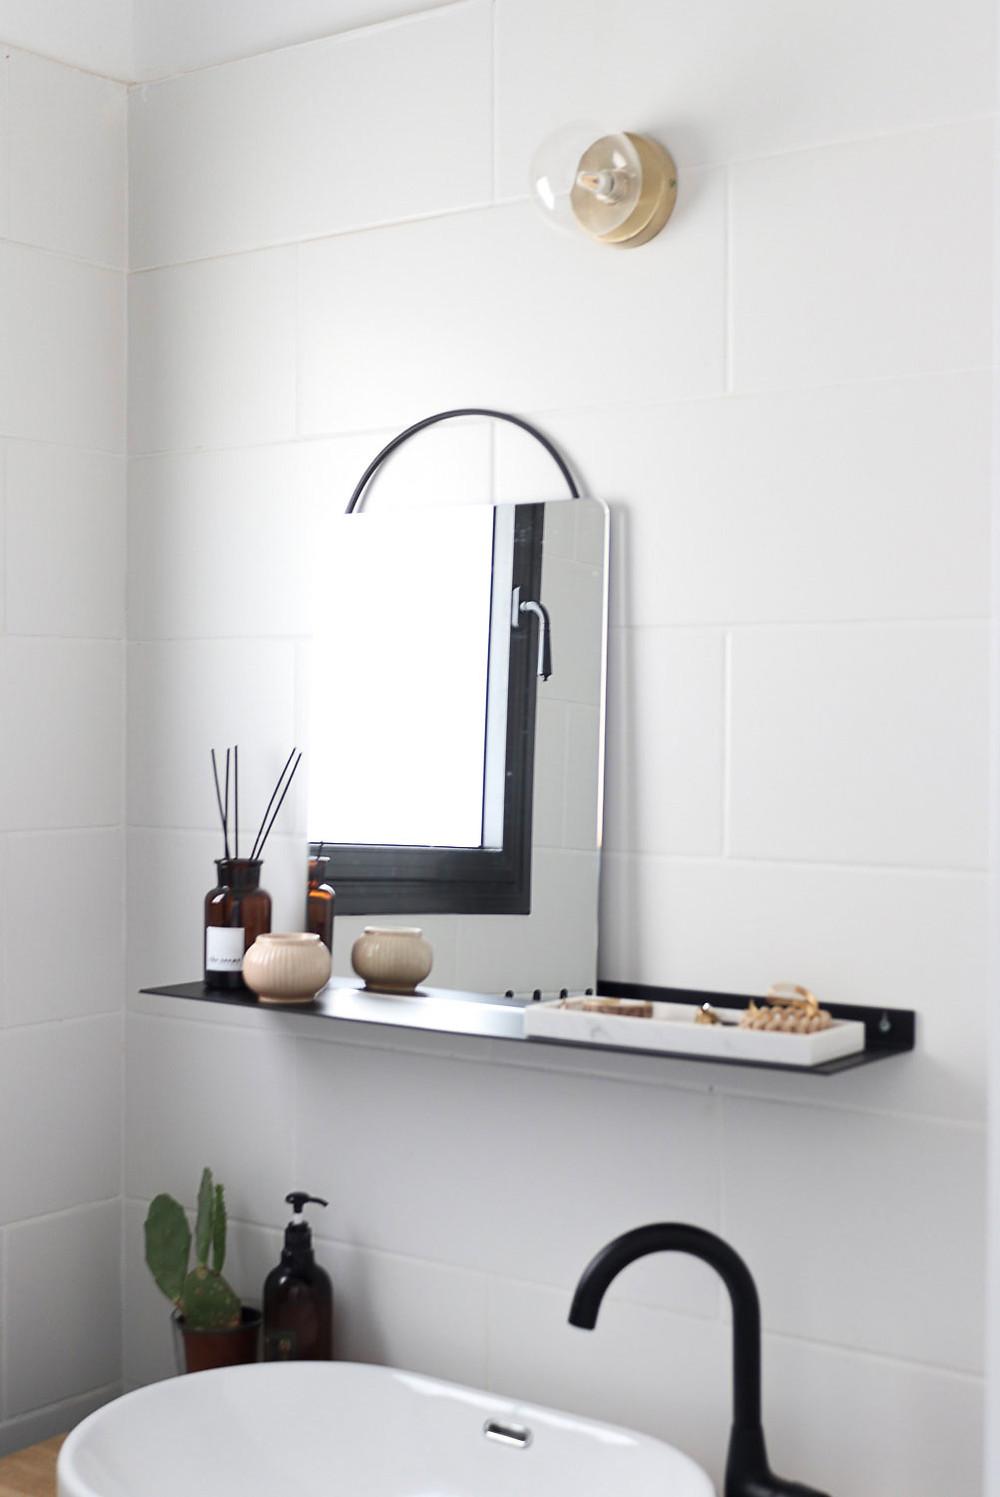 מדף מינימליסטי מעוצב לחדר הרחצה